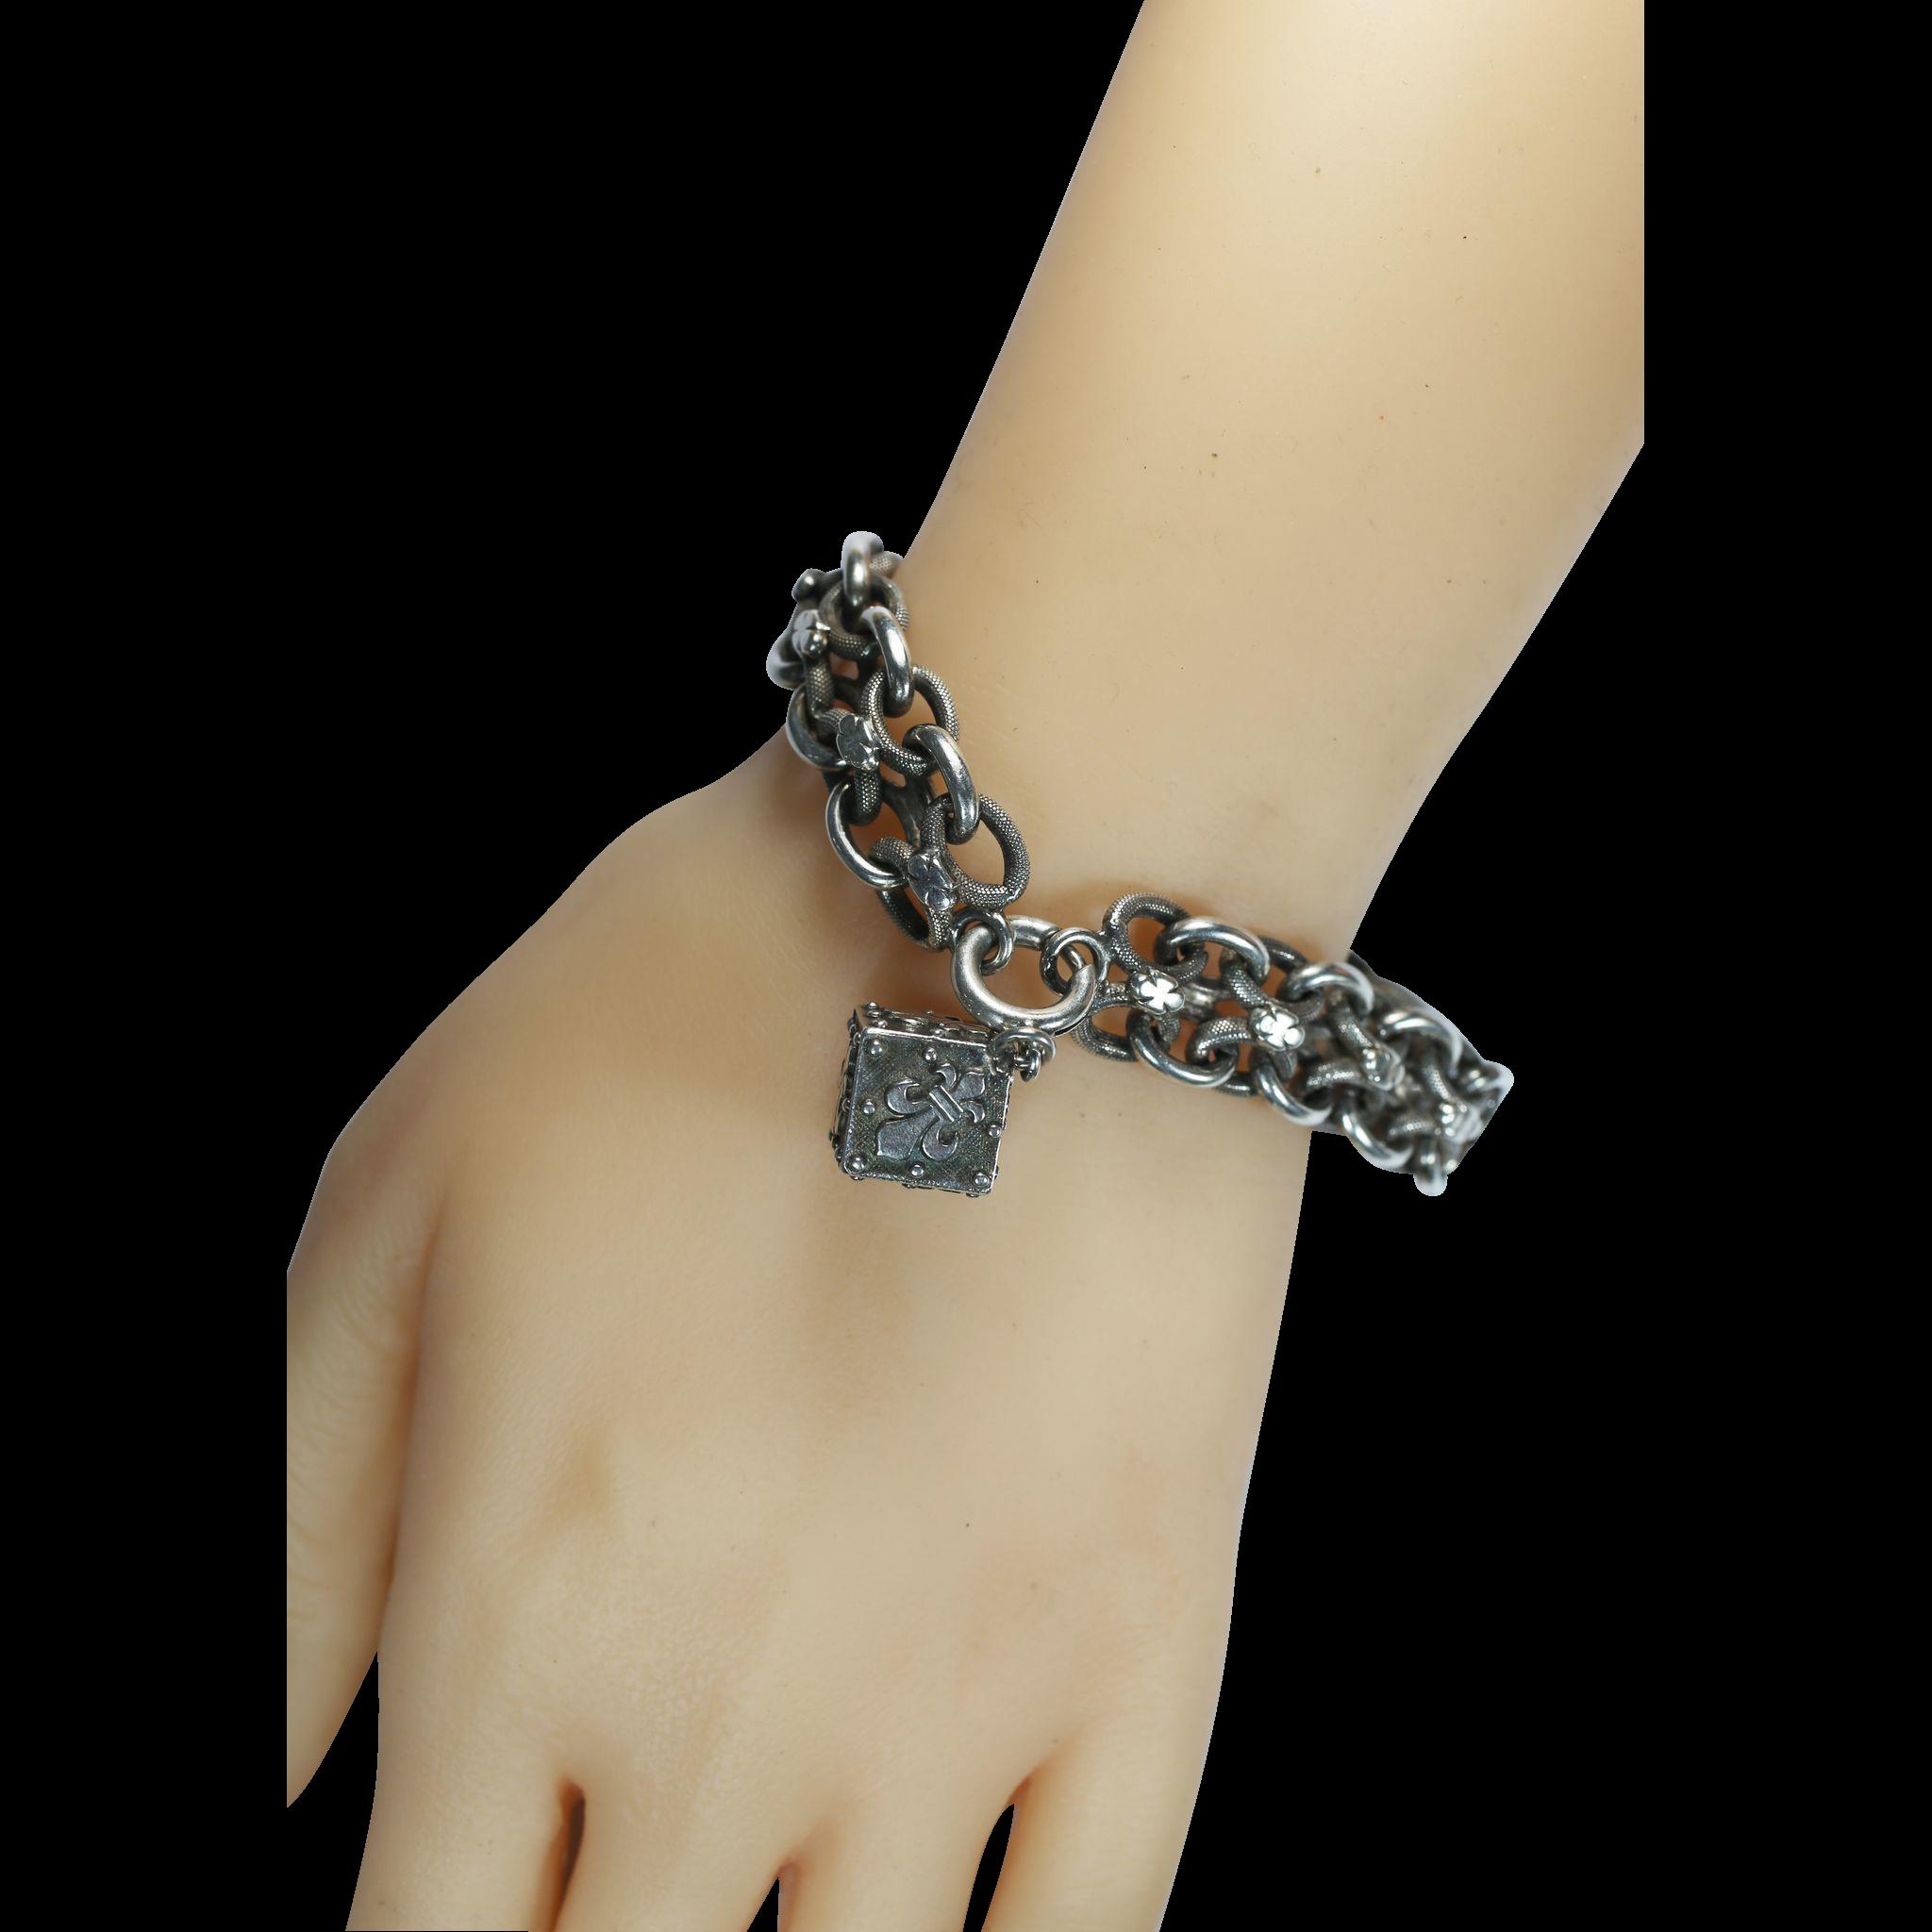 Antique French Silver Charm Bracelet with Fleur De Lys